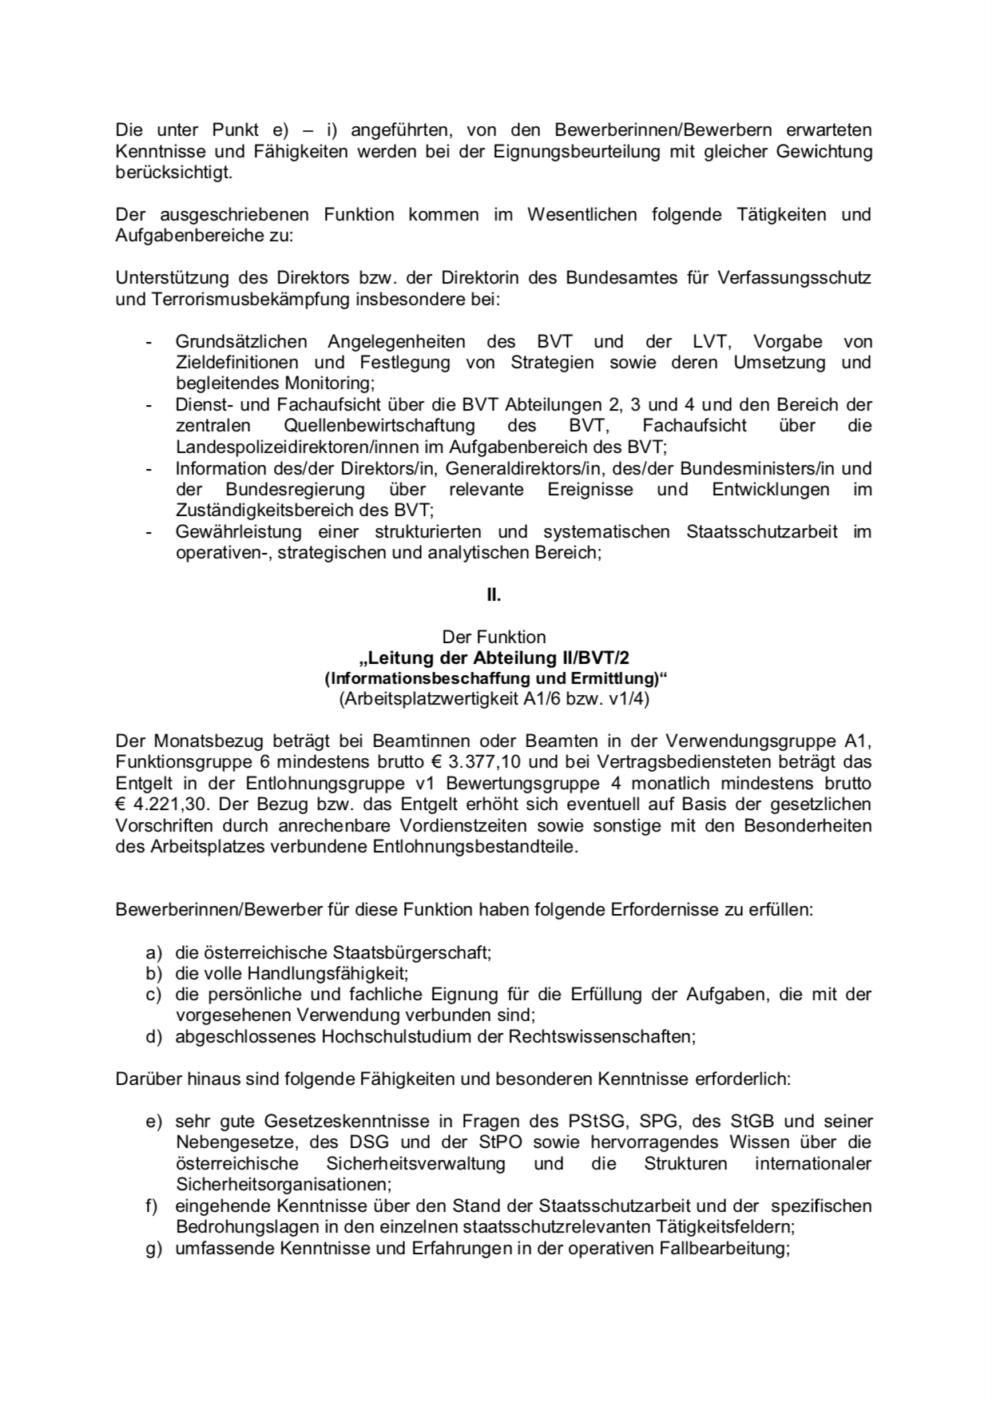 Großzügig Lebenslauf Für Bundesstellen Ideen - Entry Level Resume ...